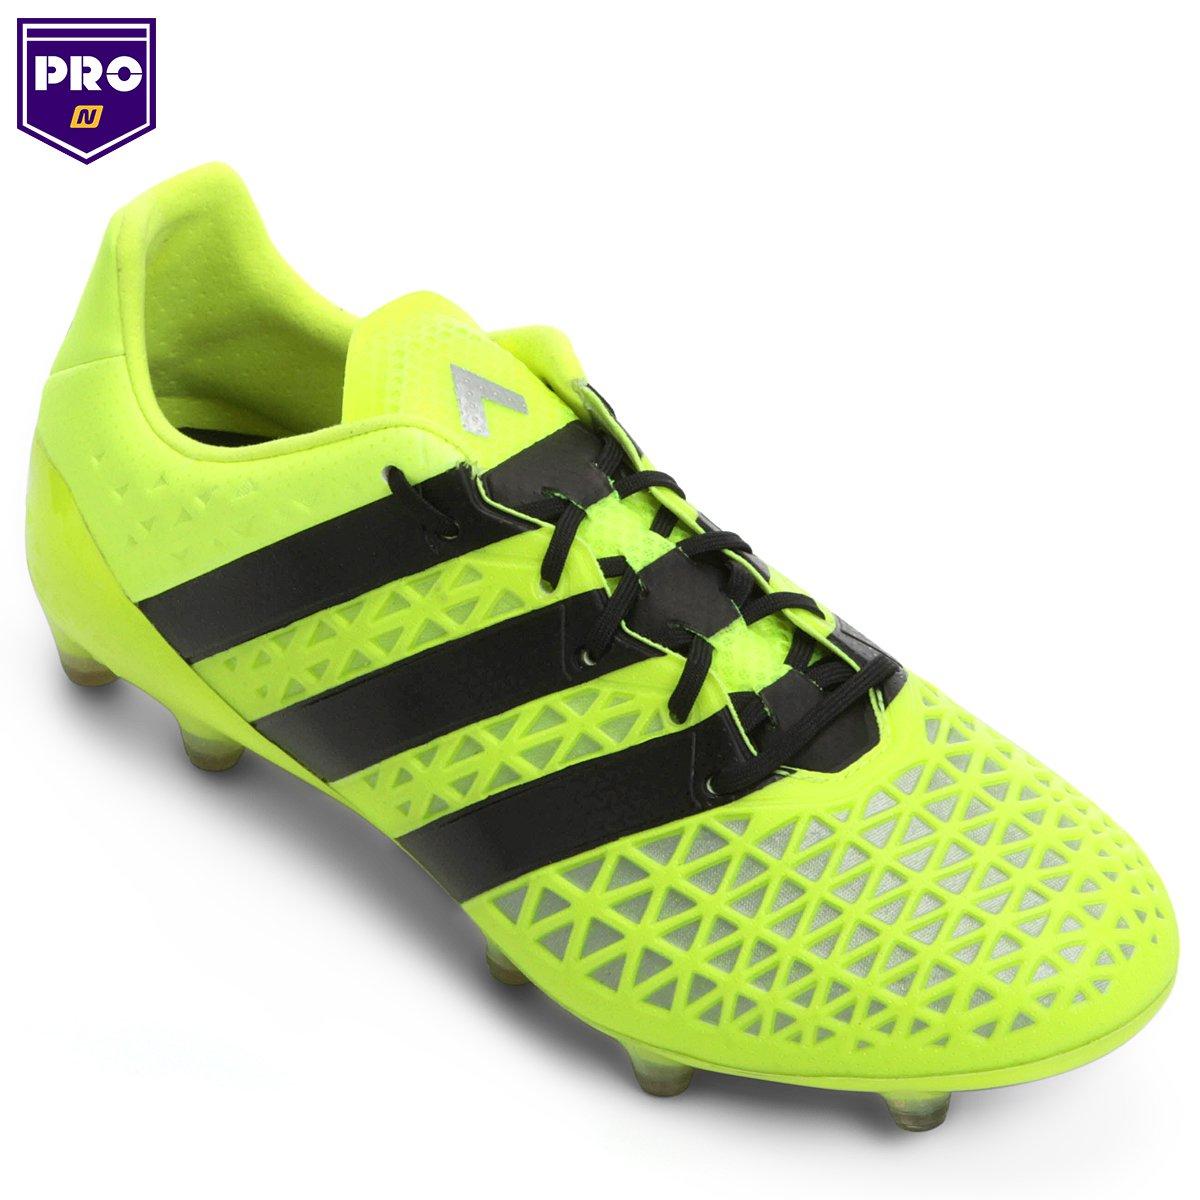 Chuteira Campo Adidas Ace 16.1 FG Masculina - Verde Limão e Preto ... 5edc35442ab8a